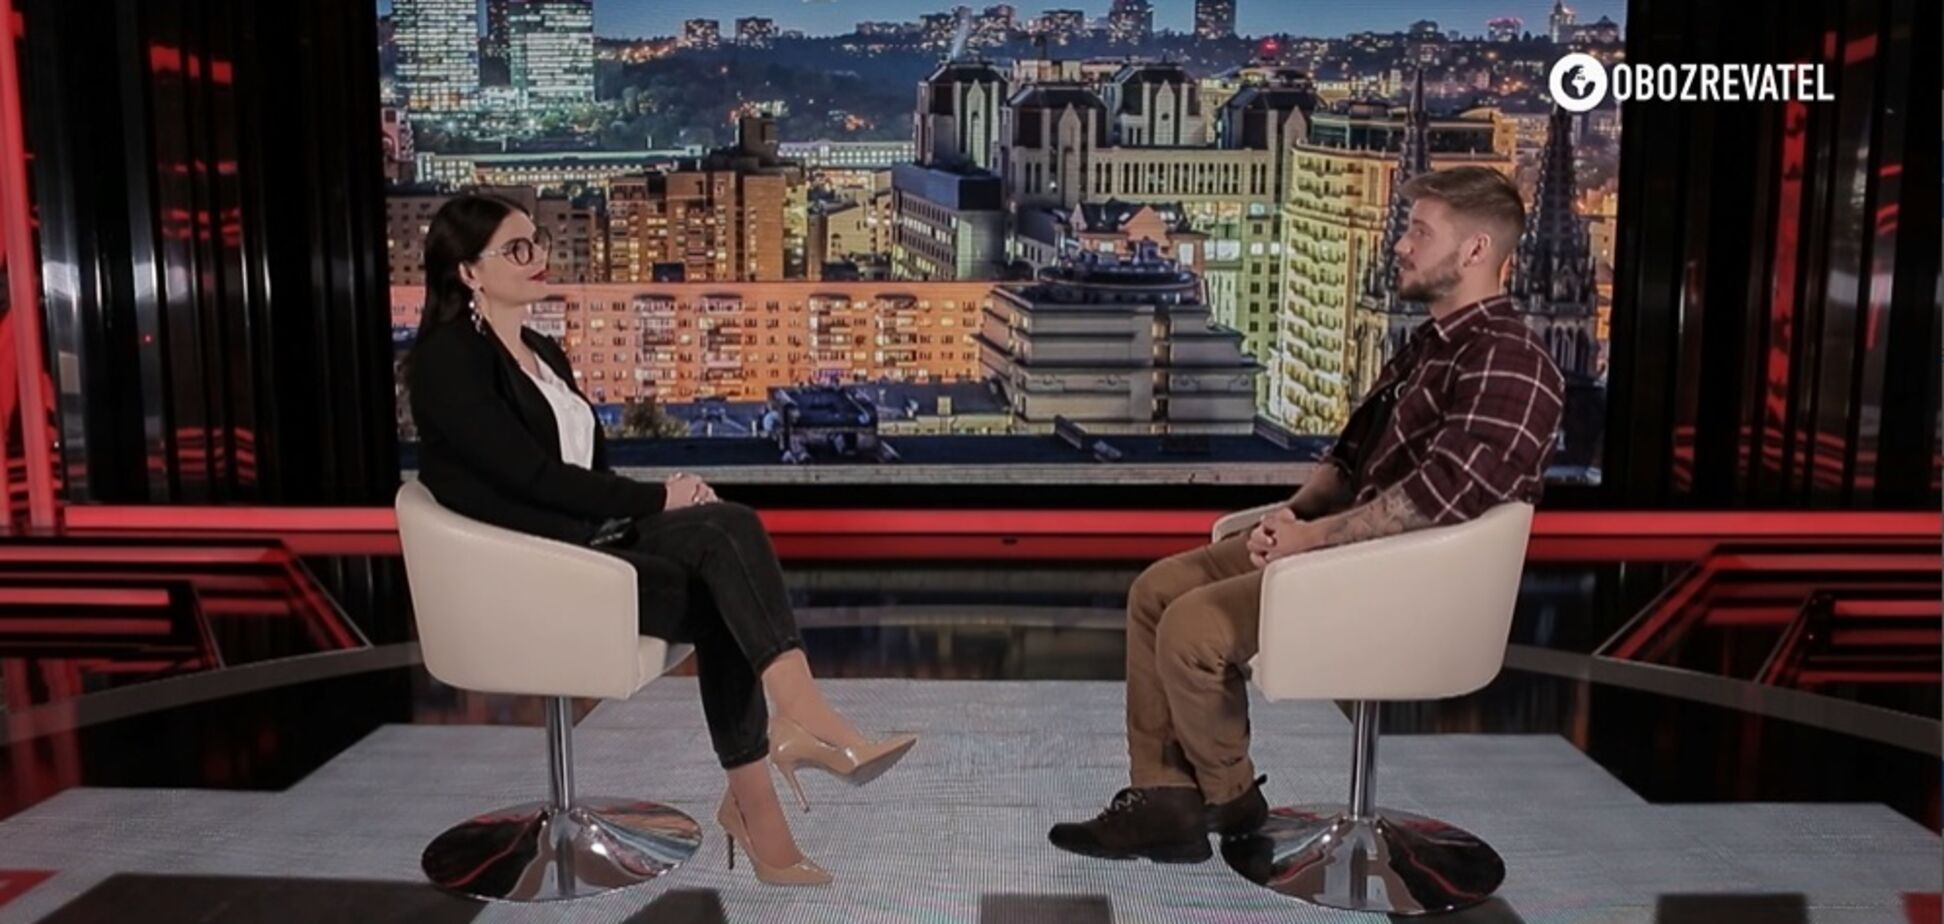 Ананьєв розповів про зрадників в ЗСУ: прем'єра програми OBOZREVATEL